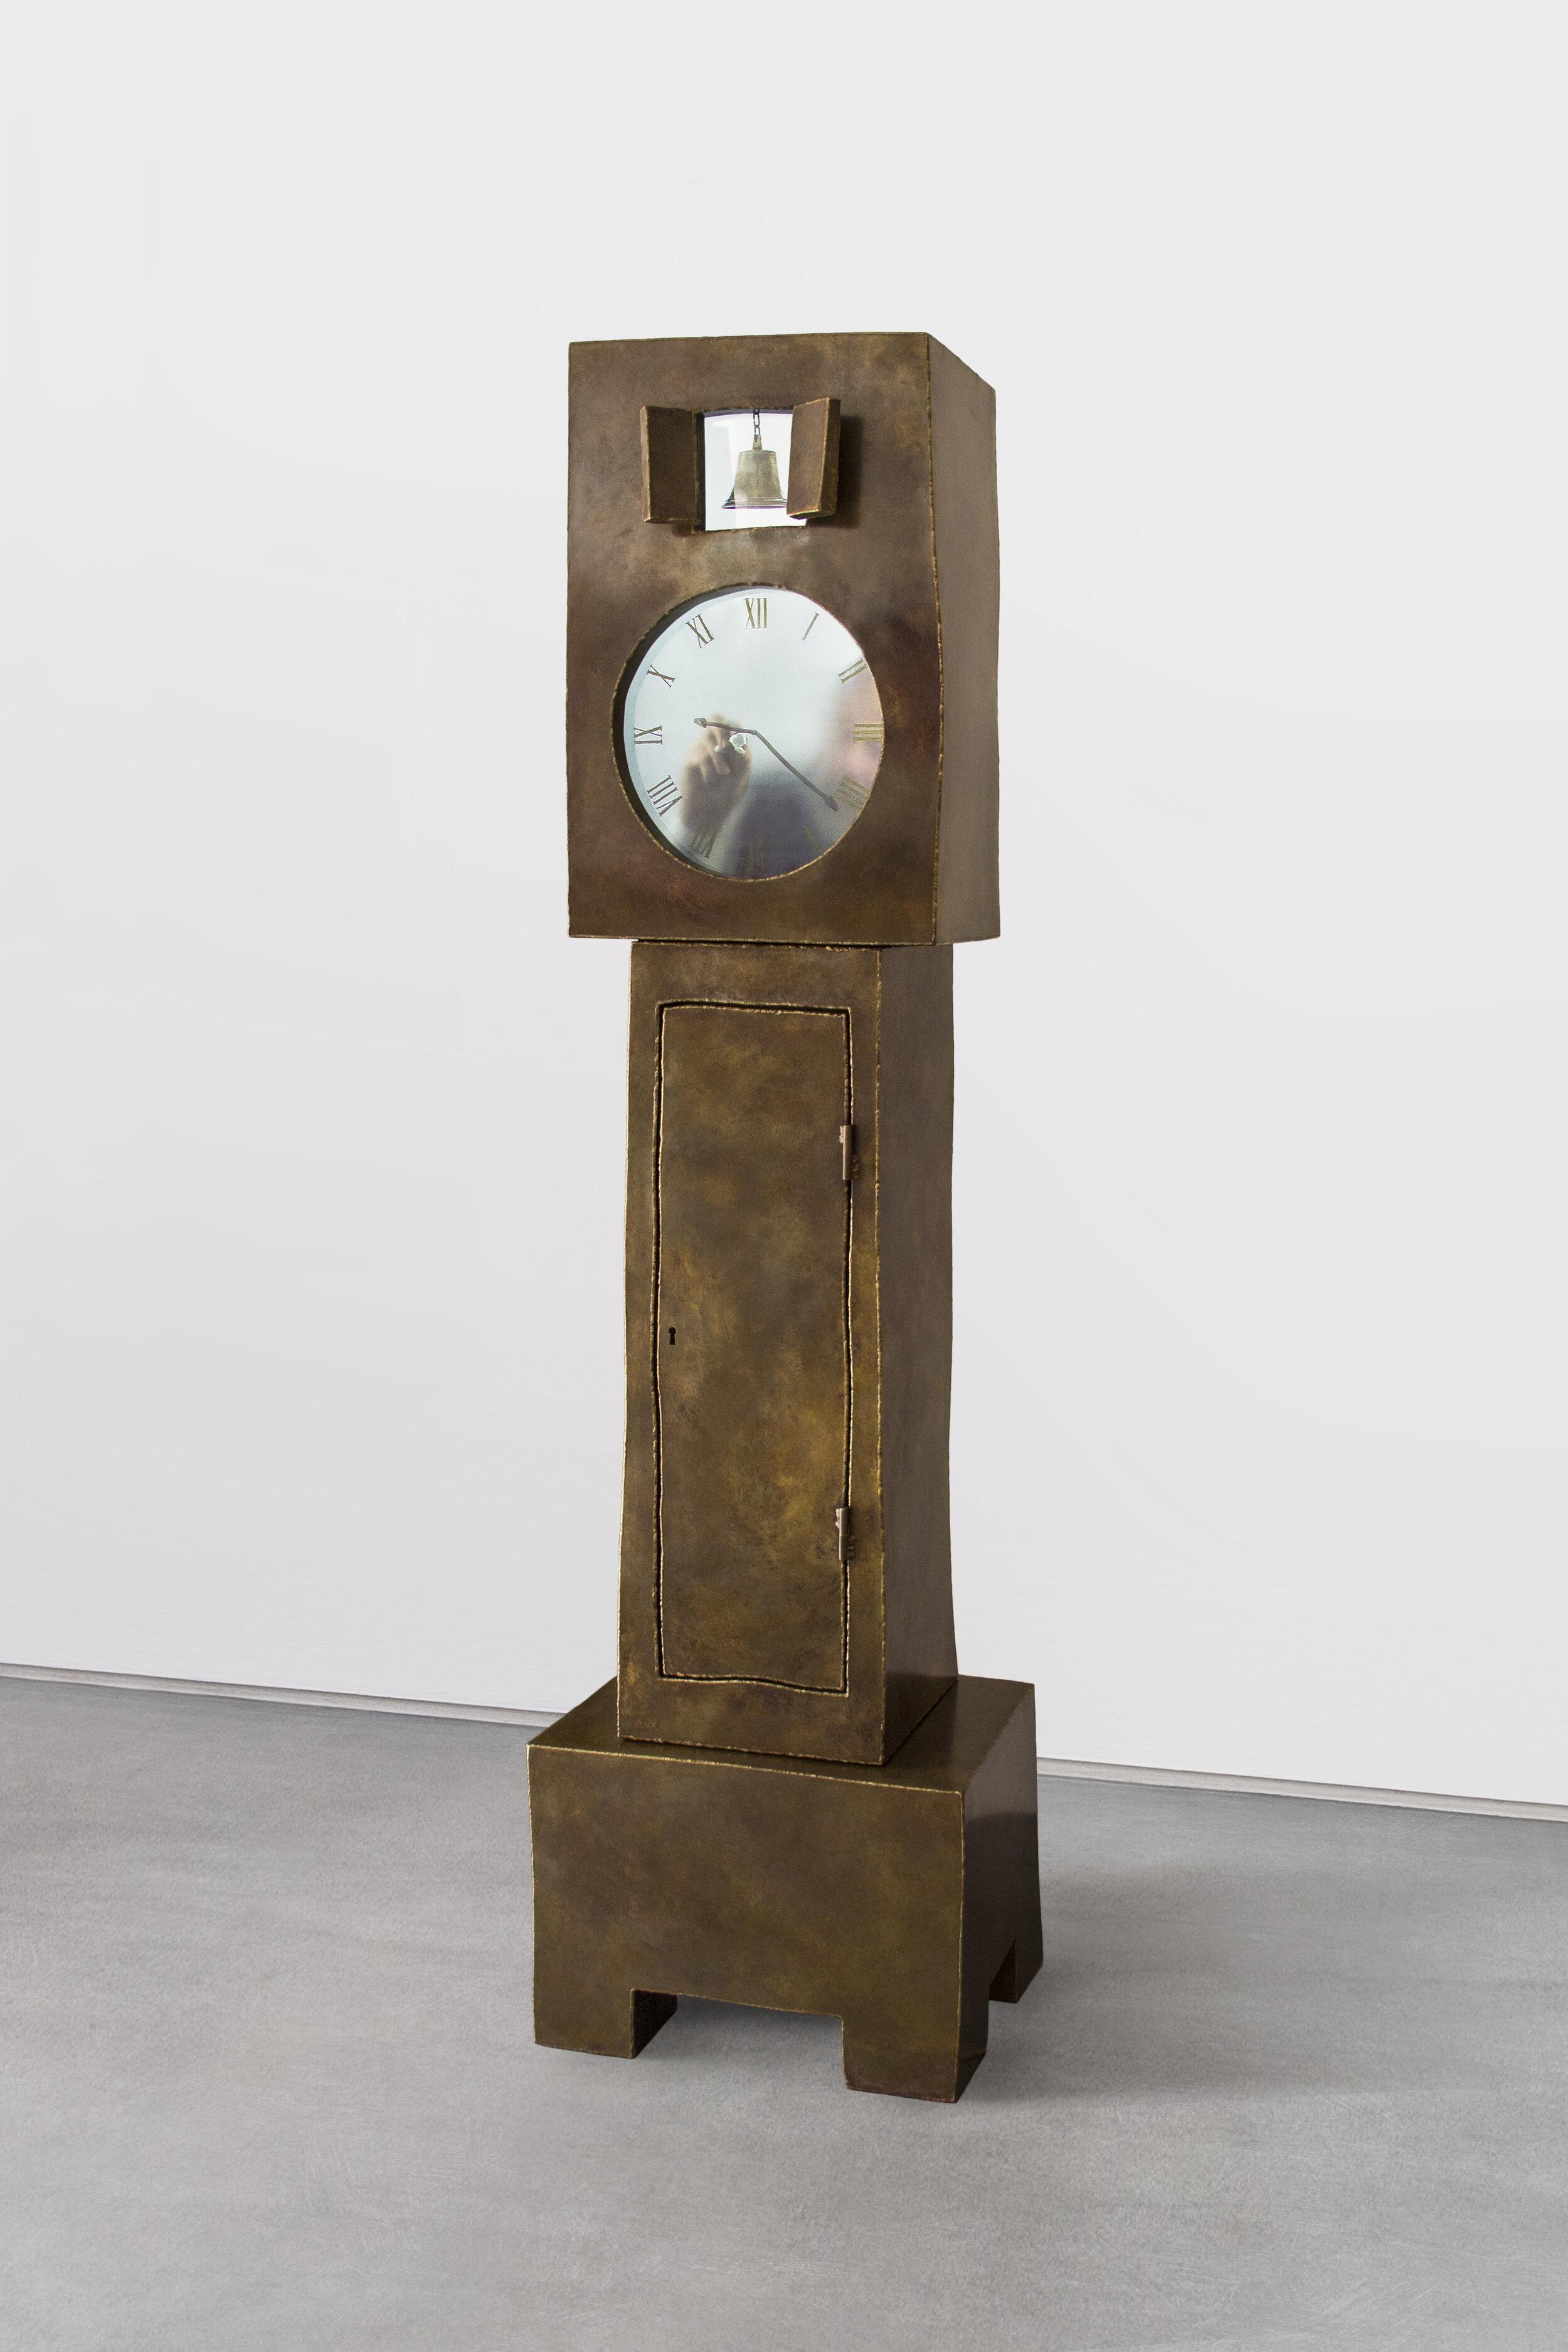 Maarten-Baas_Grandfather-Clock-Brass_2014_1.jpg